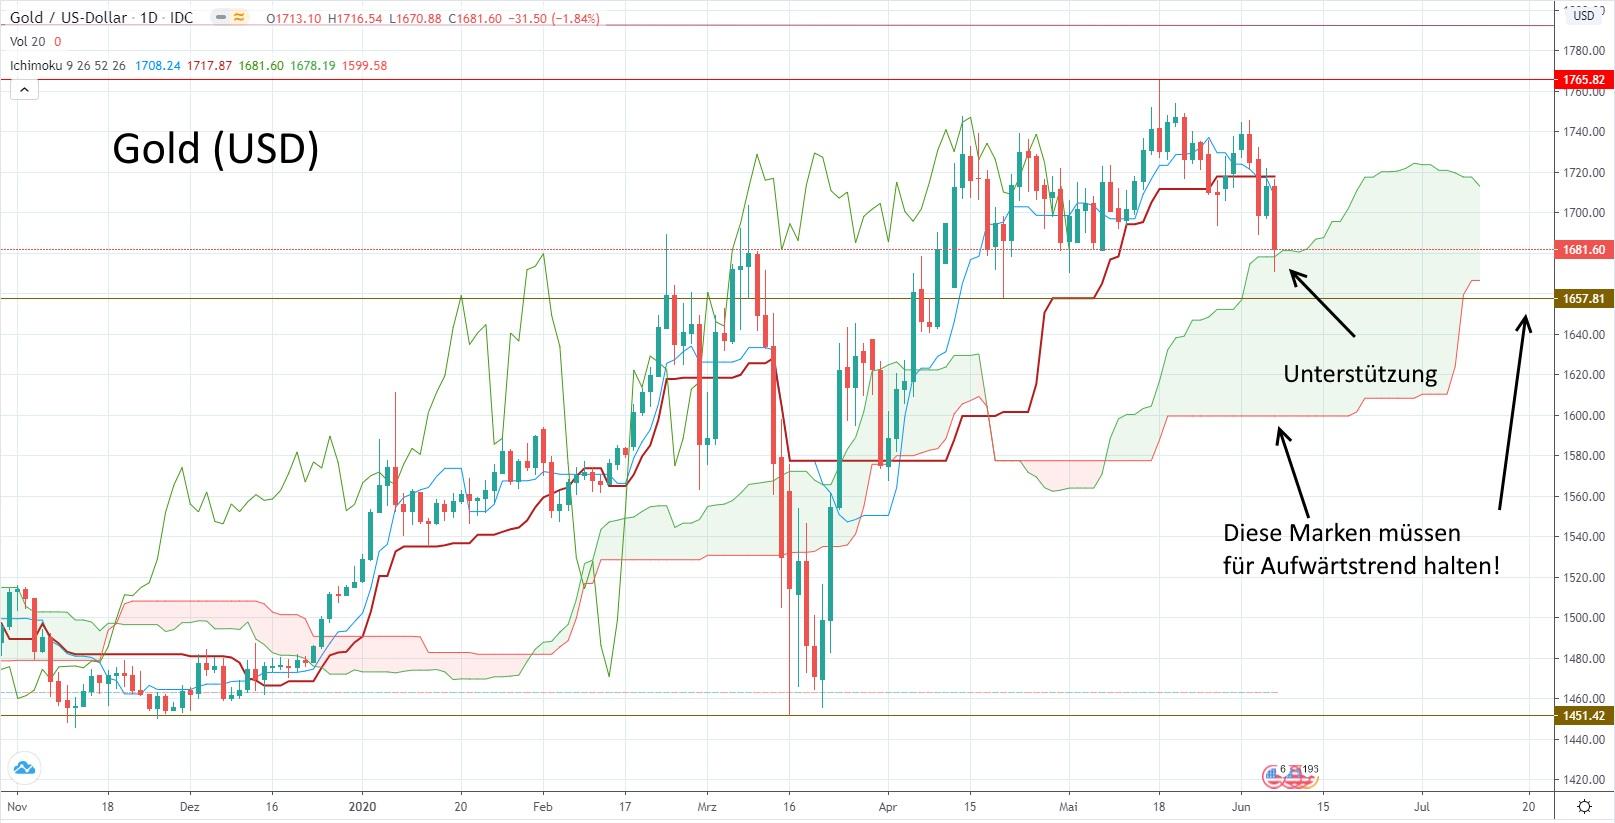 Goldpreis in US-Dollar - aktuelle Chartanalyse von Lars Hattwig